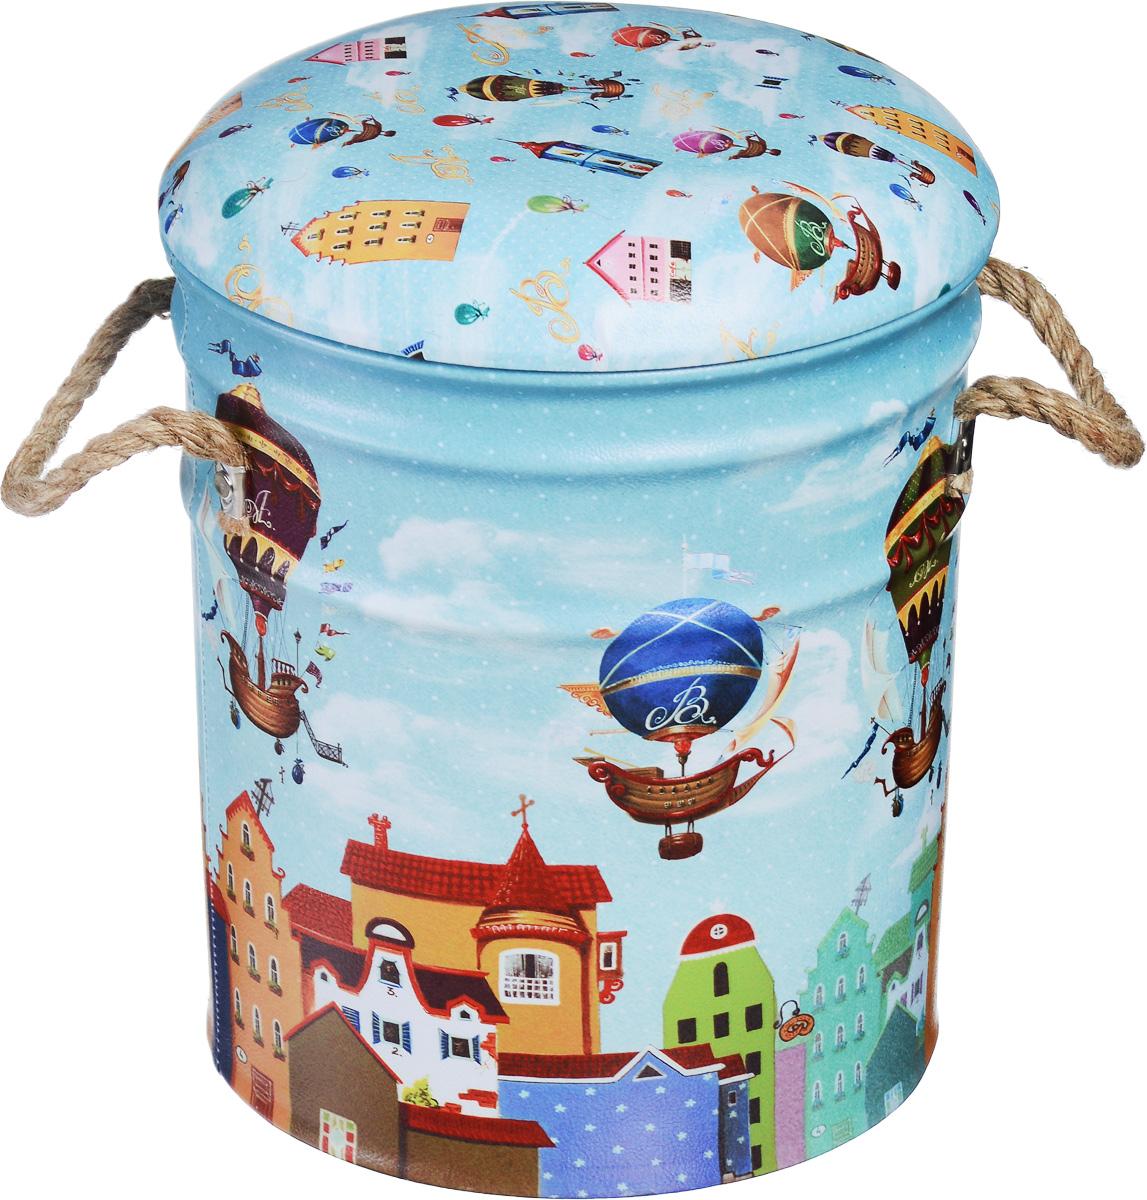 Пуфик Феникс-Презент «Дирижабли в лето», 30 х 30 х 38 см  детская мебель тумбочки